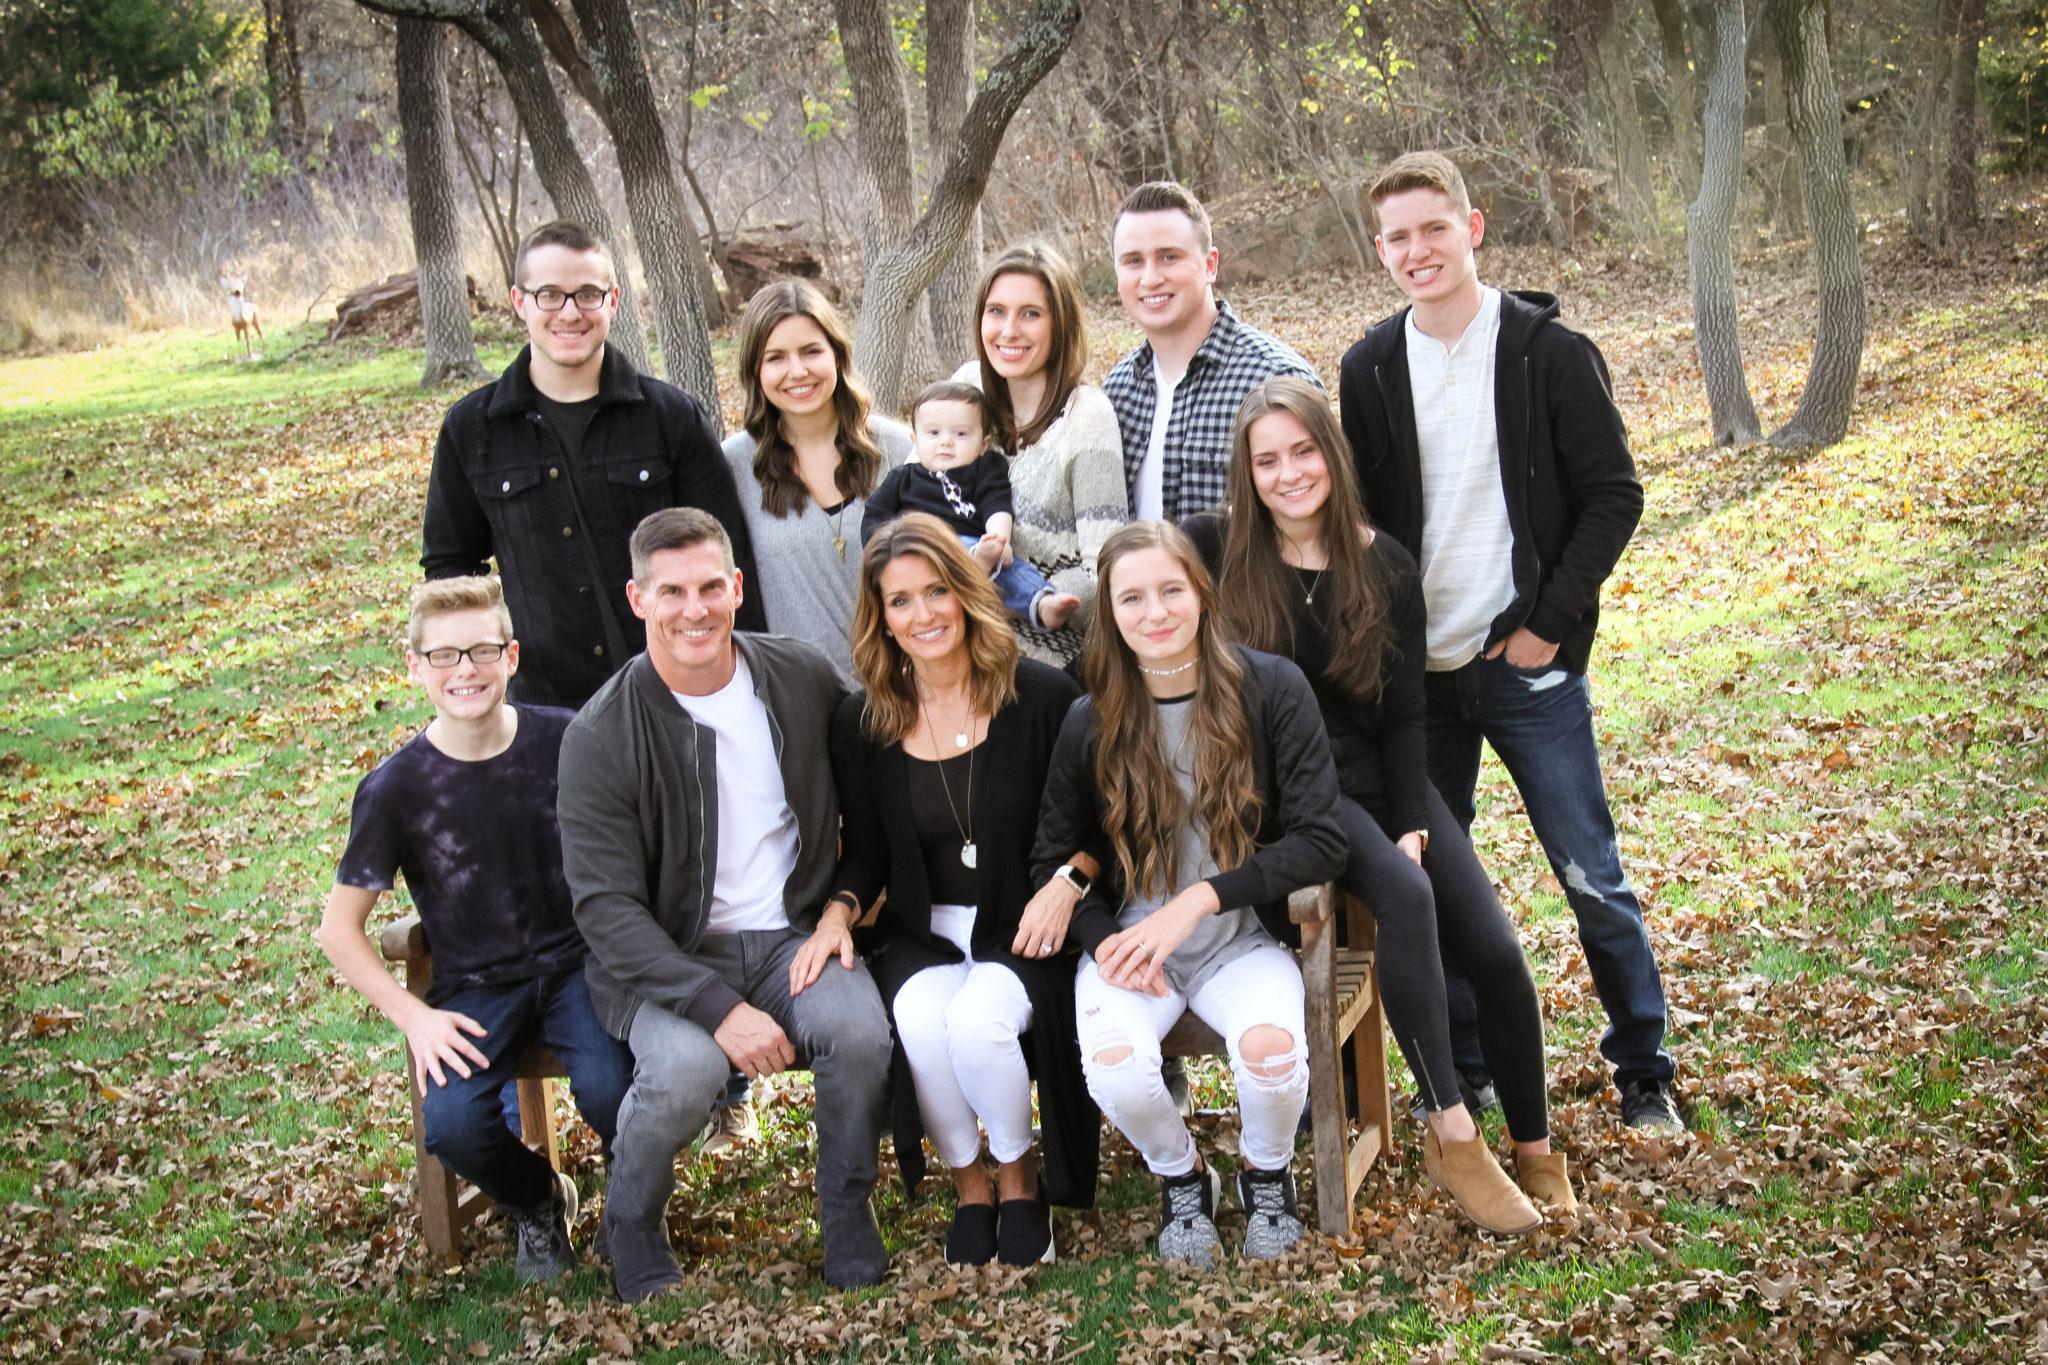 Craig Groeschel's family